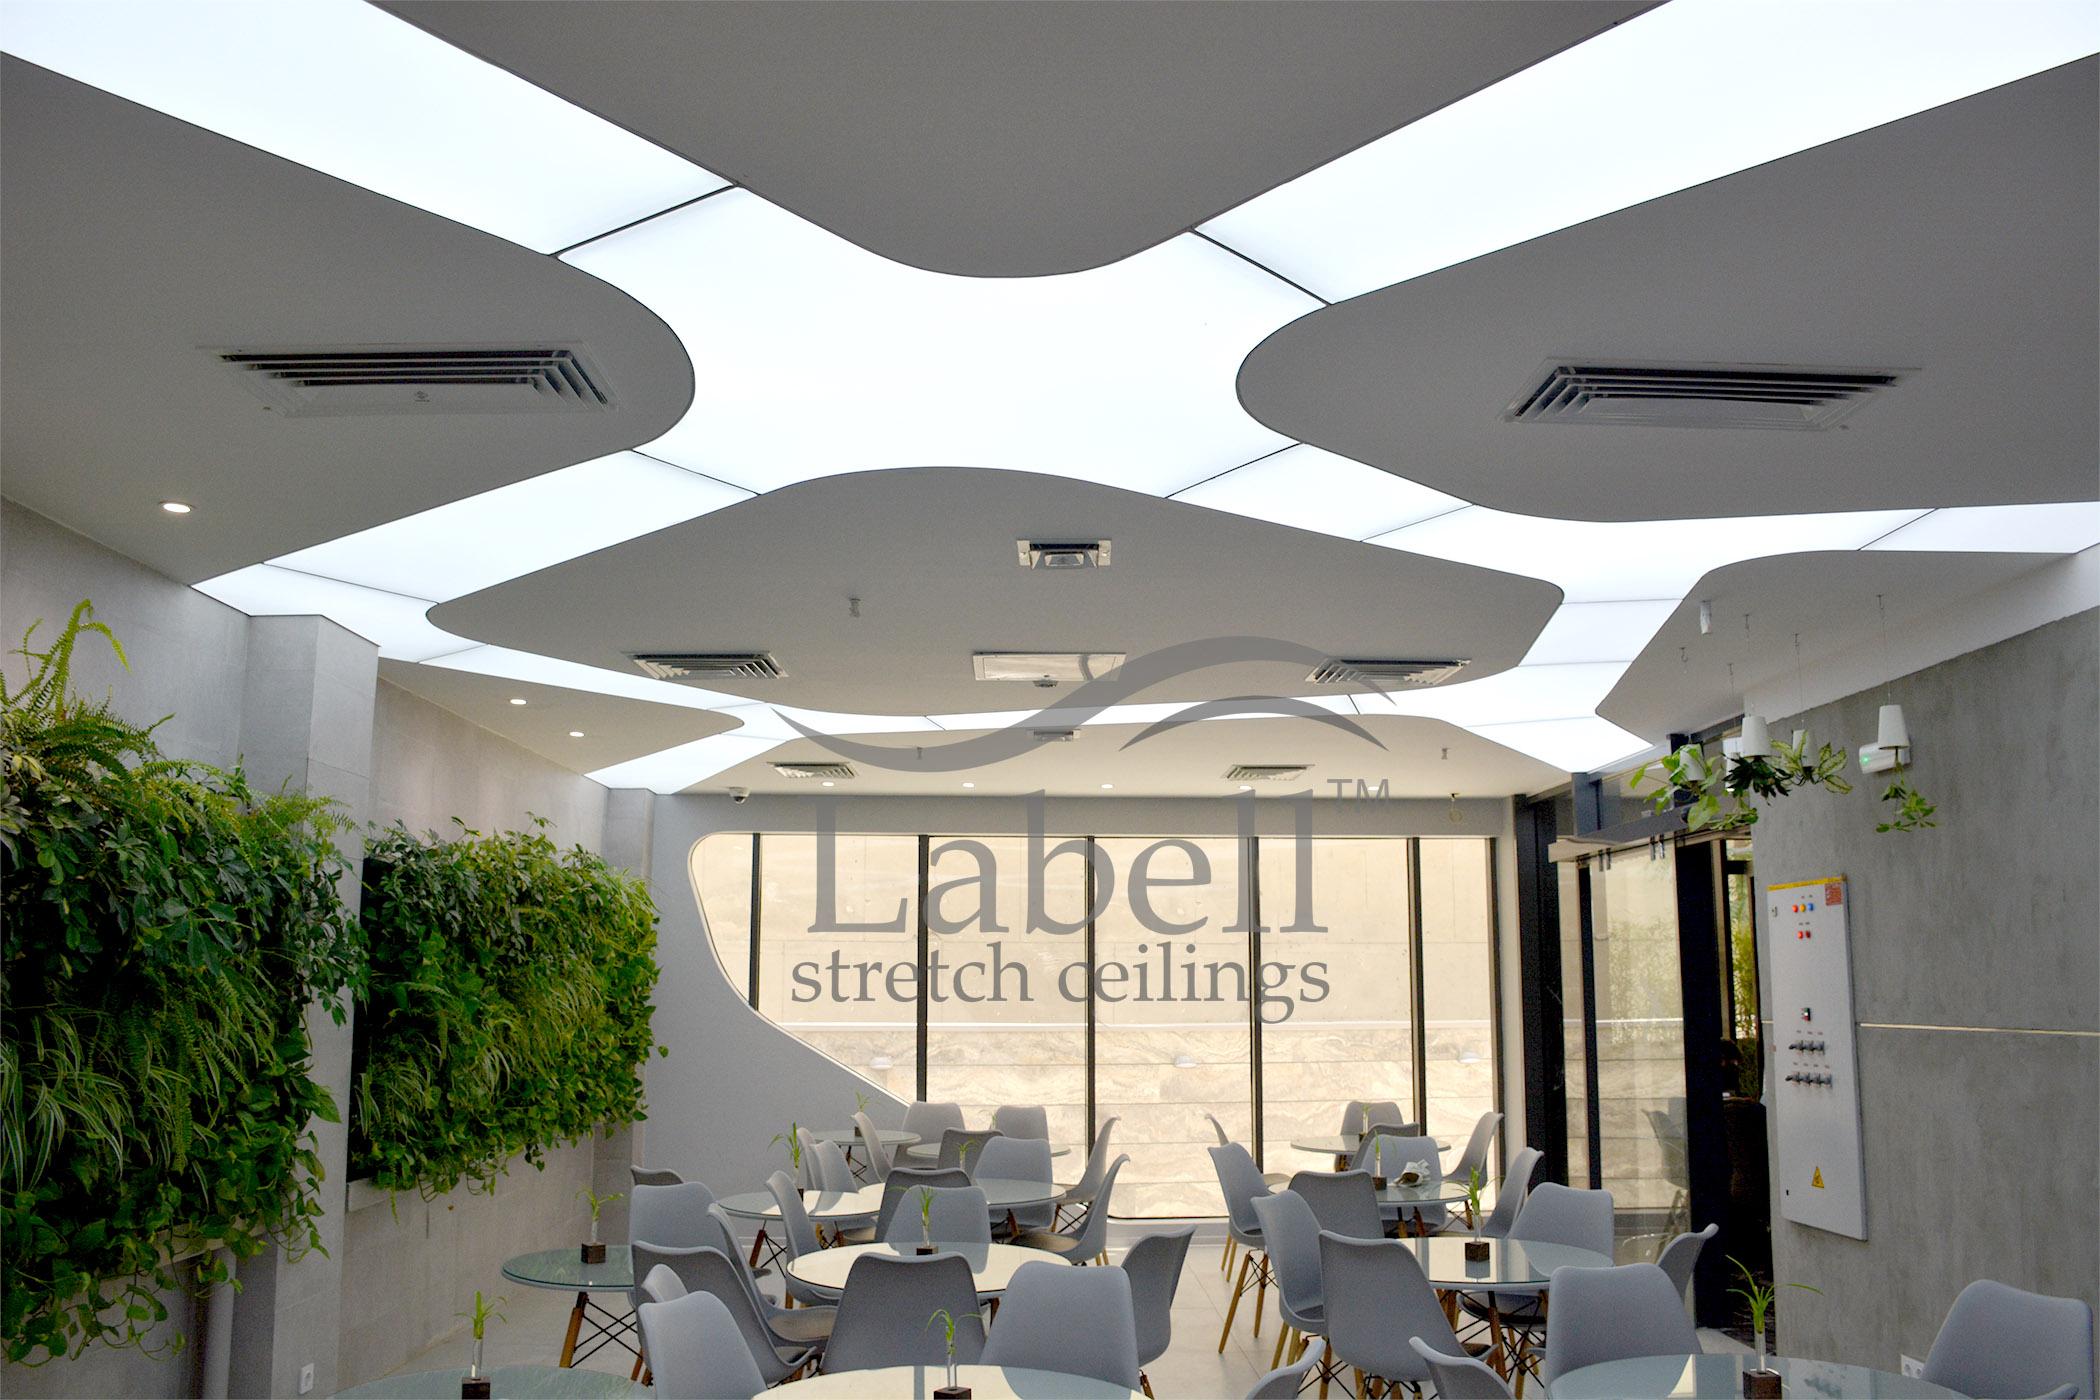 سقف کشسان لابل در شرکت شاتل